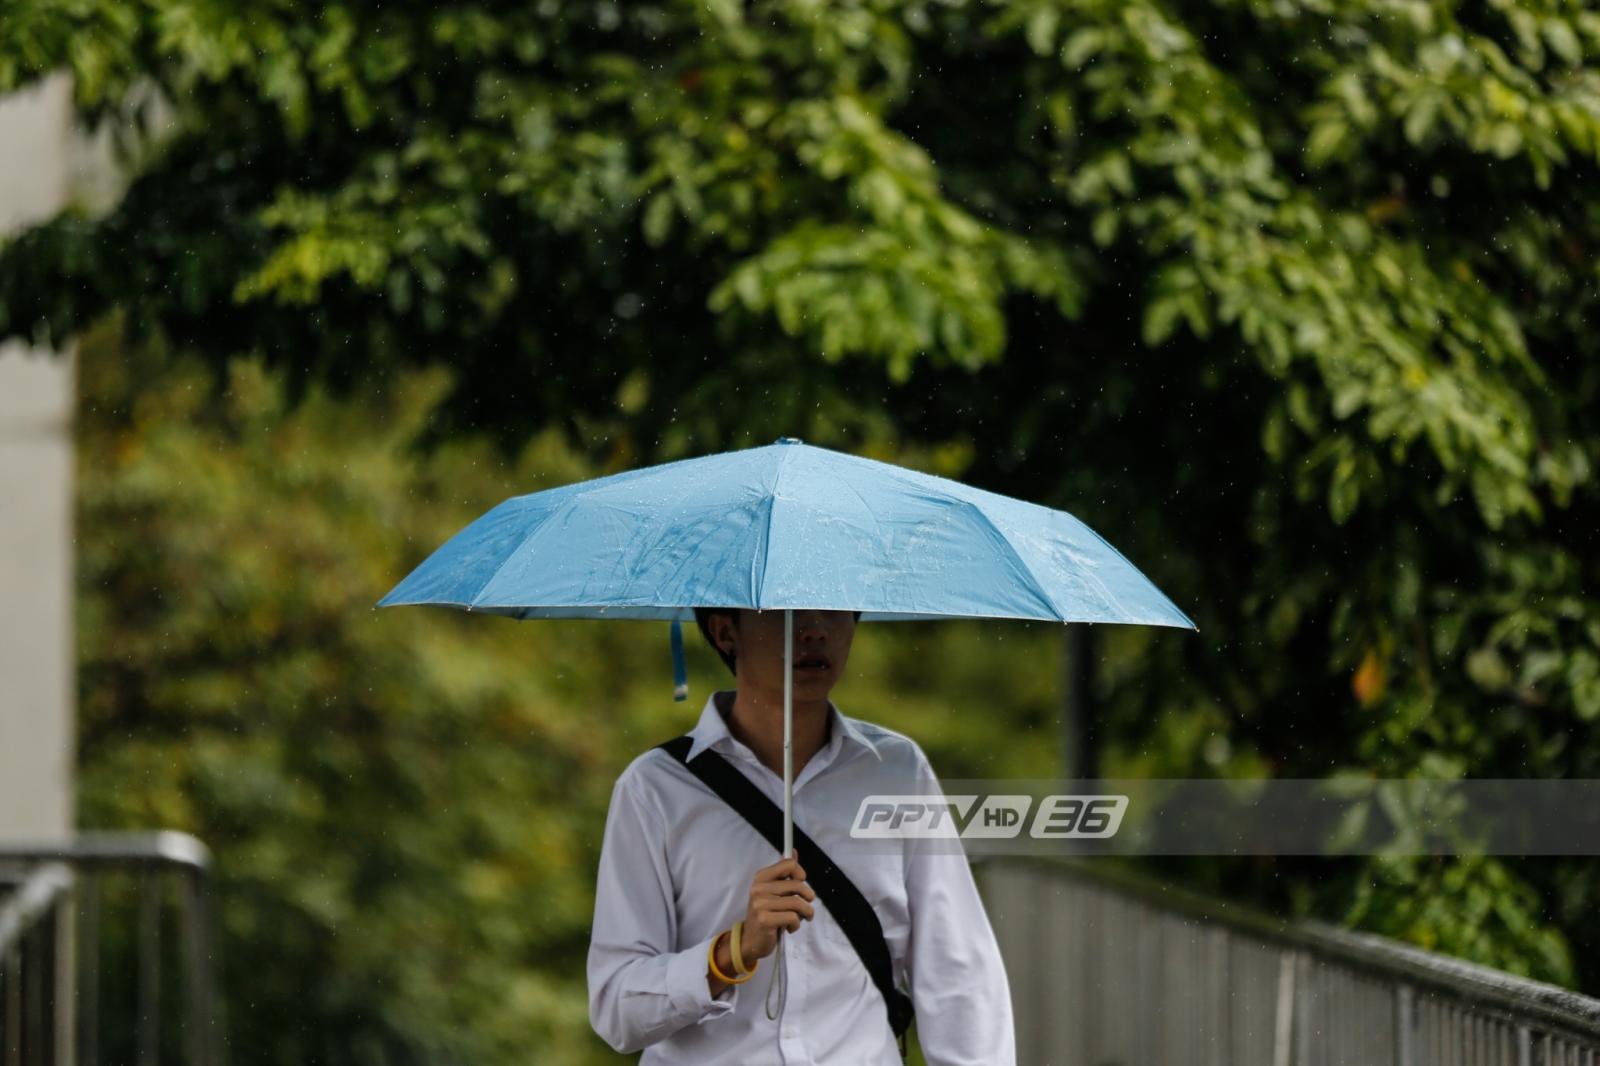 อุตุฯ เผยกทม.และปริมณฑล มีฝนตกร้อยละ 60 อุณหภูมิลด 1-3 องศา